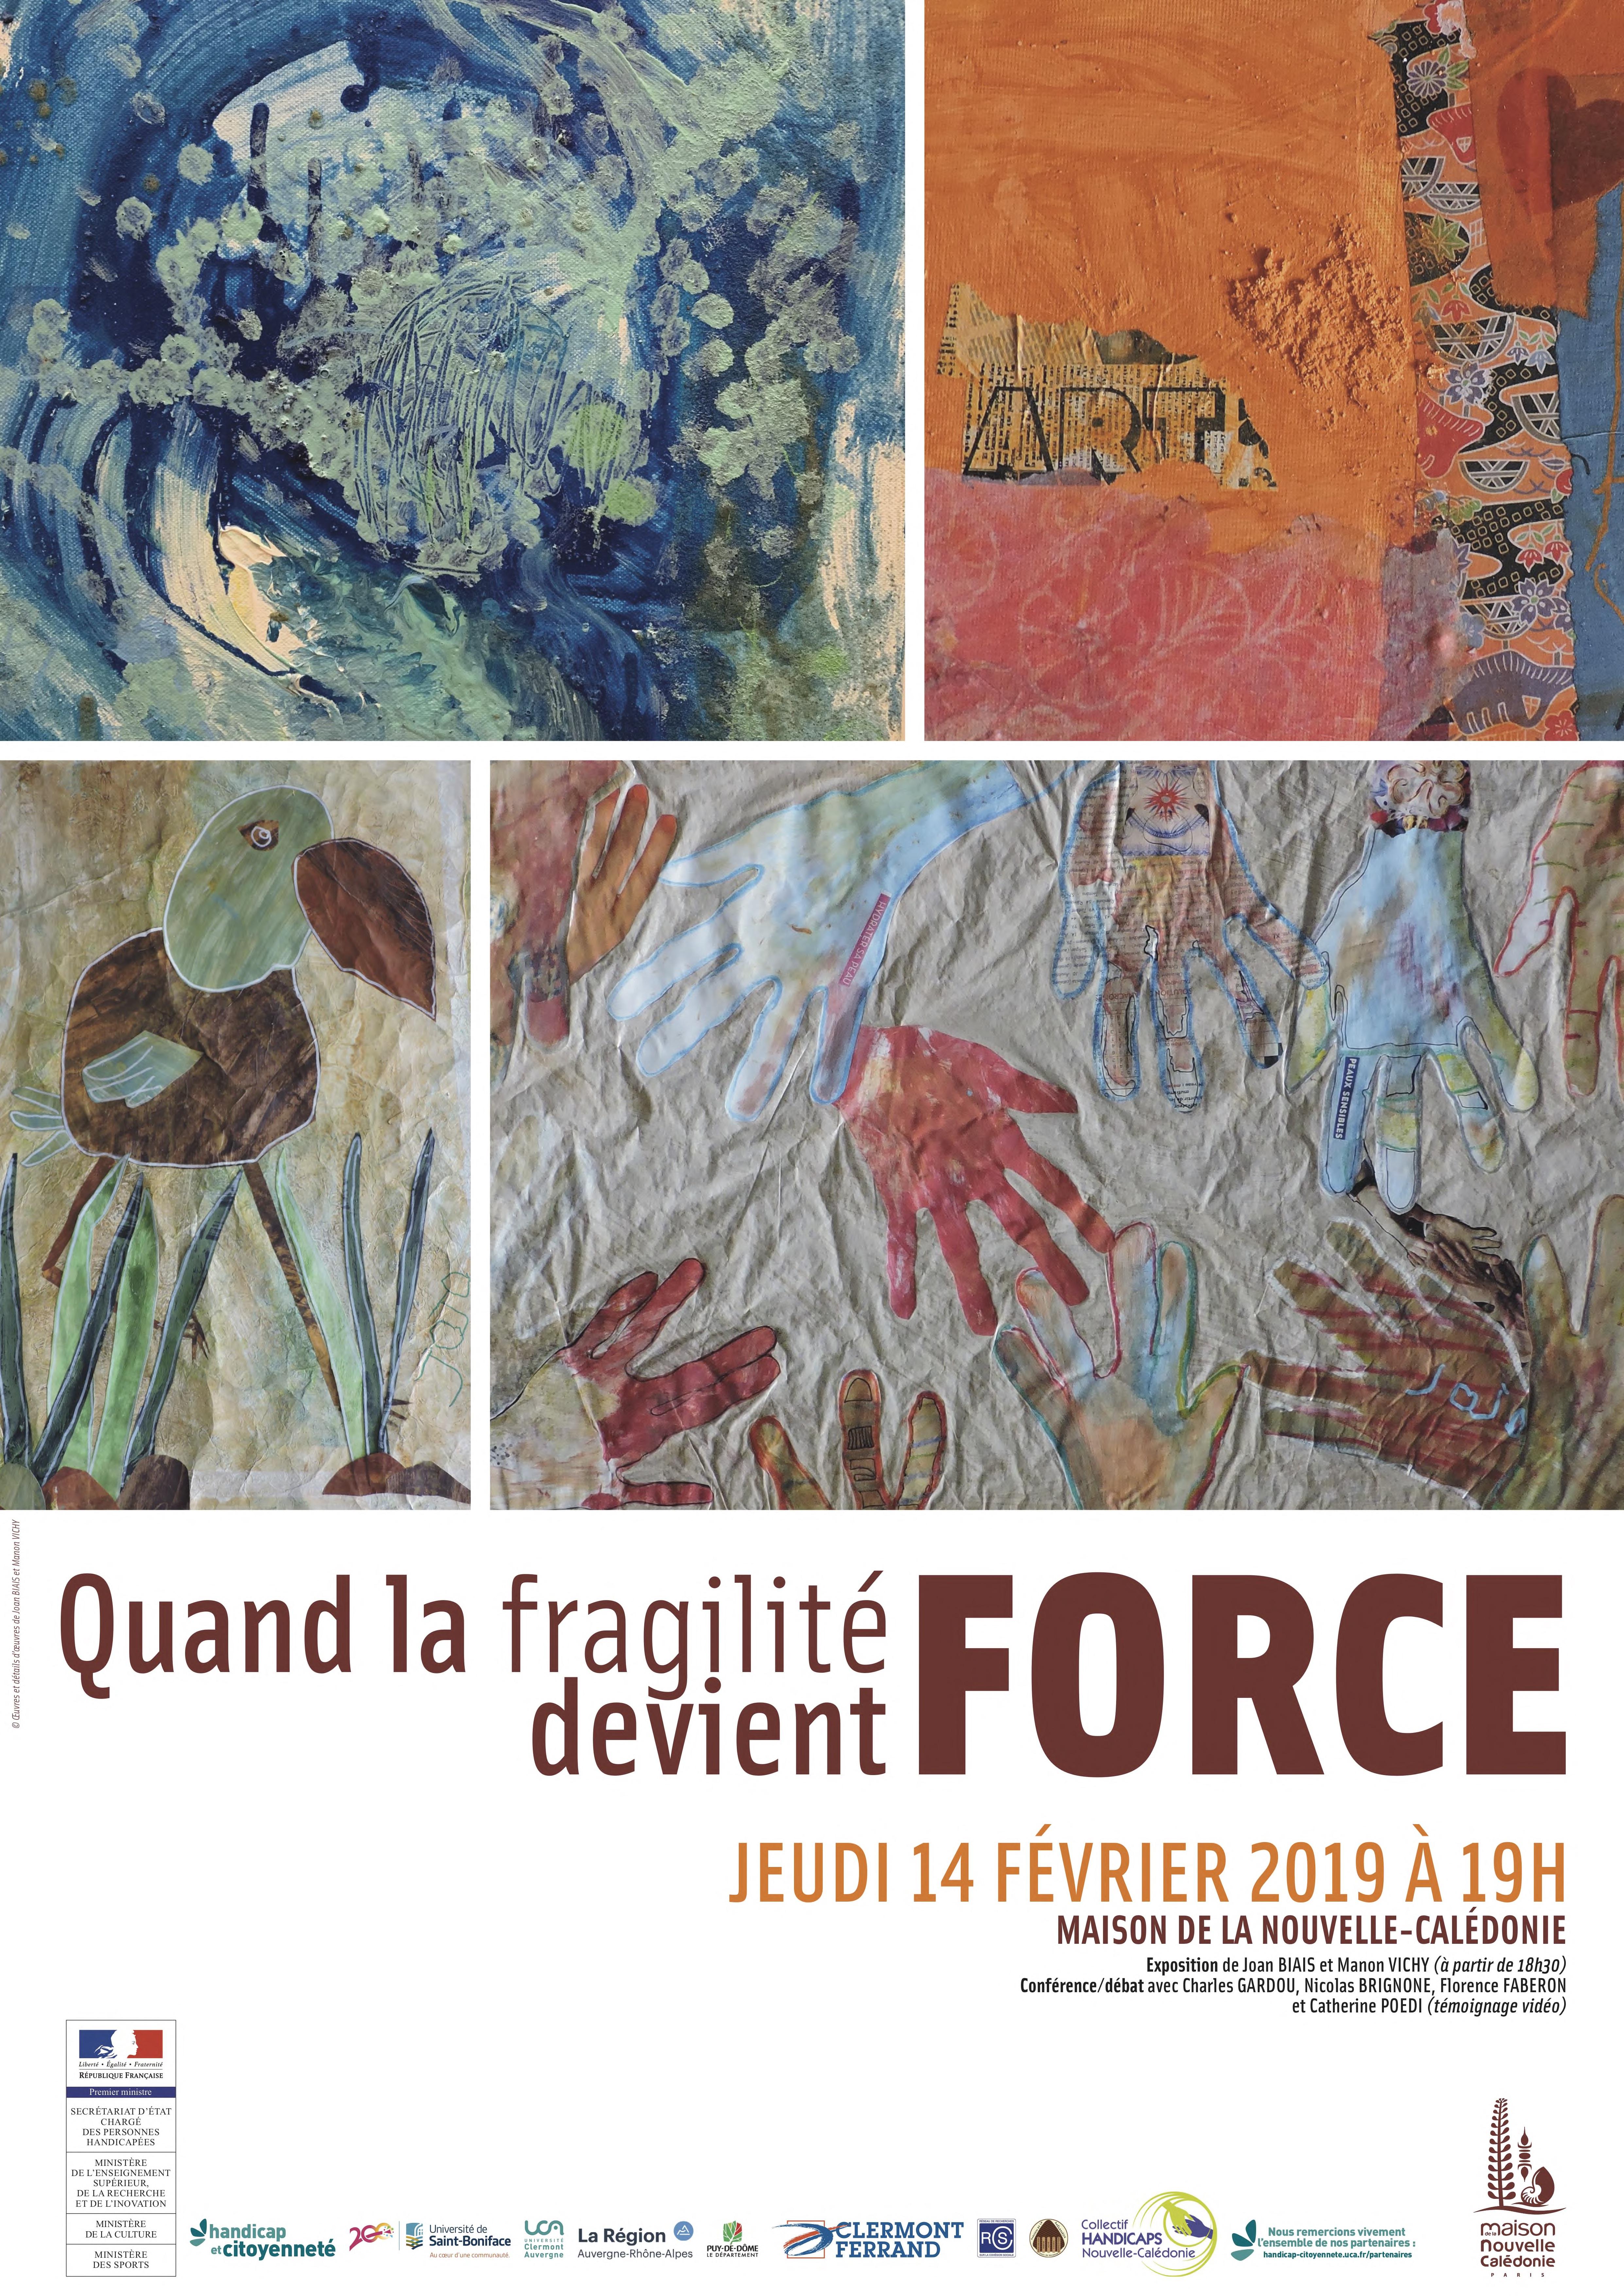 Affiche : Quand la fragilité devient force